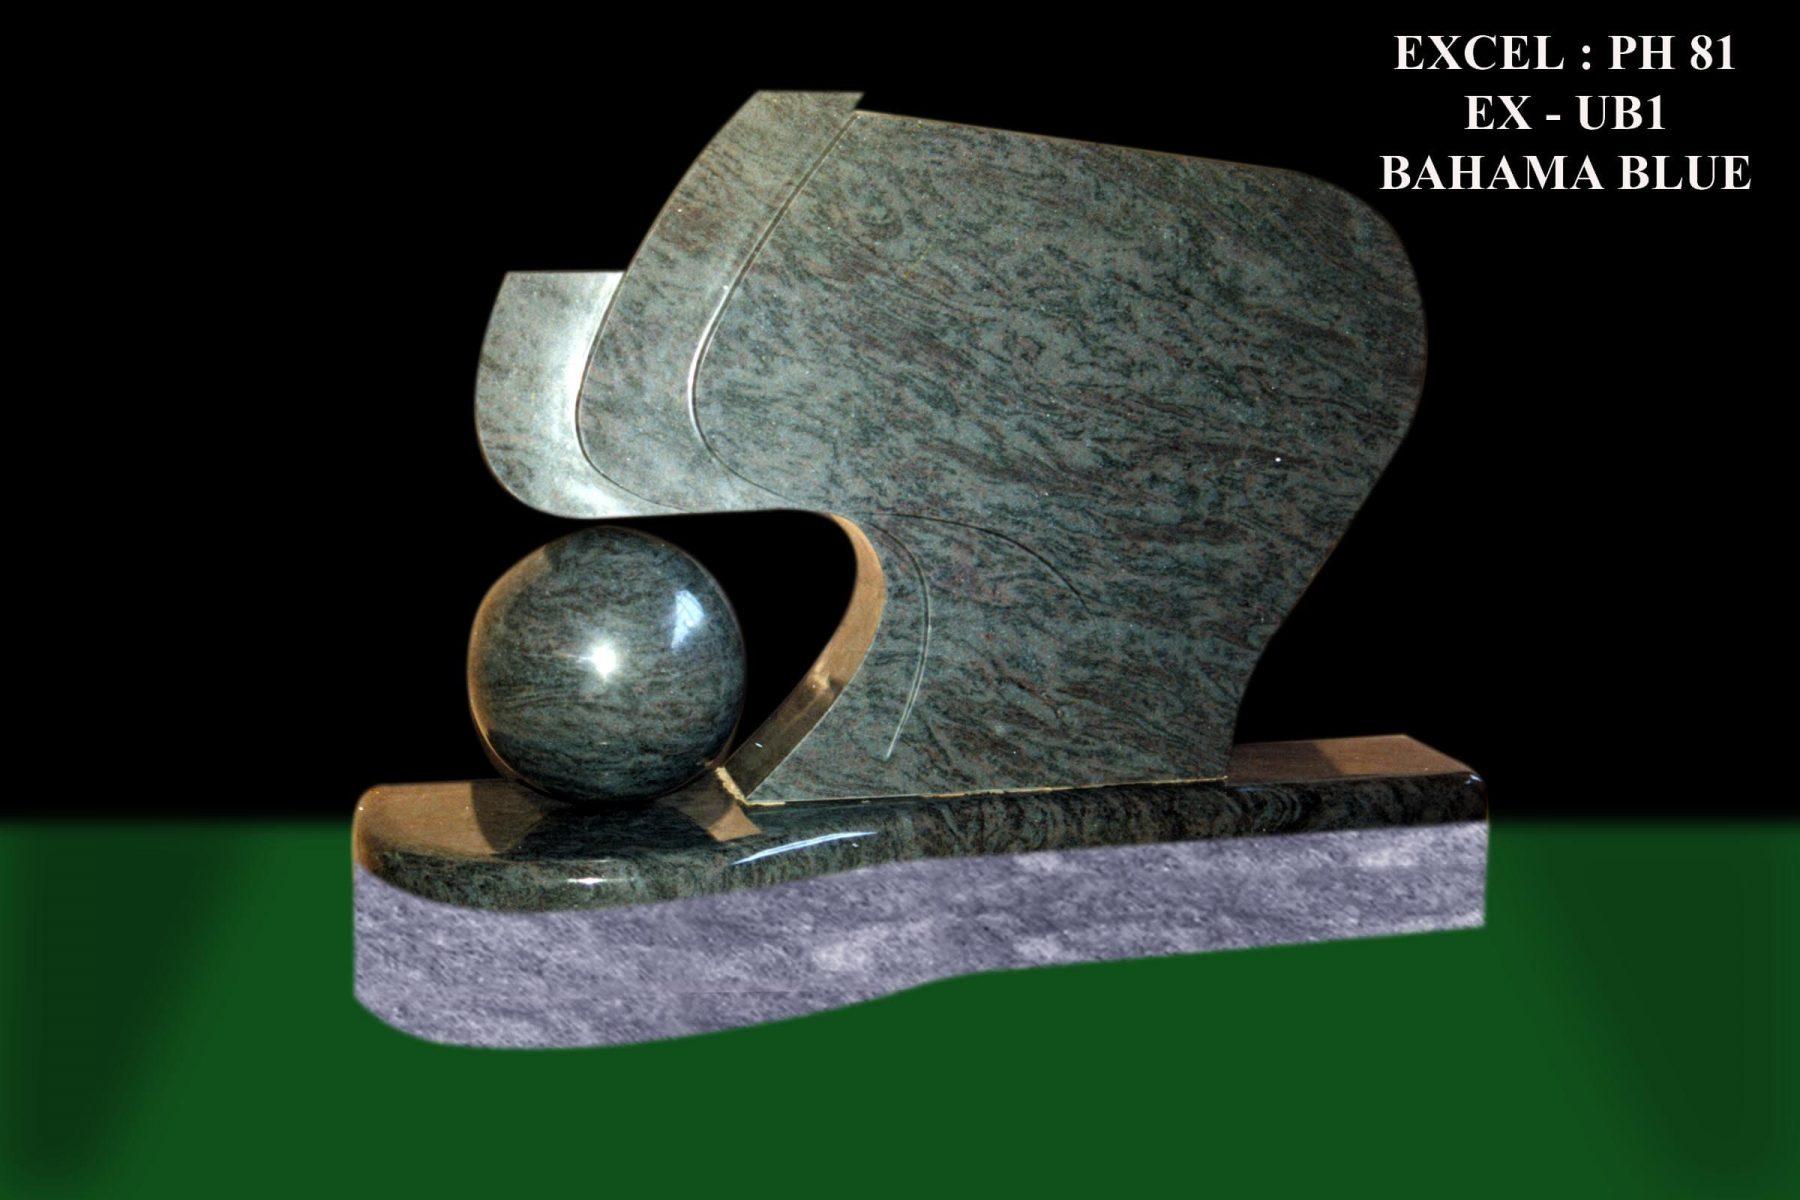 EG-81 / Bahama Blue / Ball on Left Design